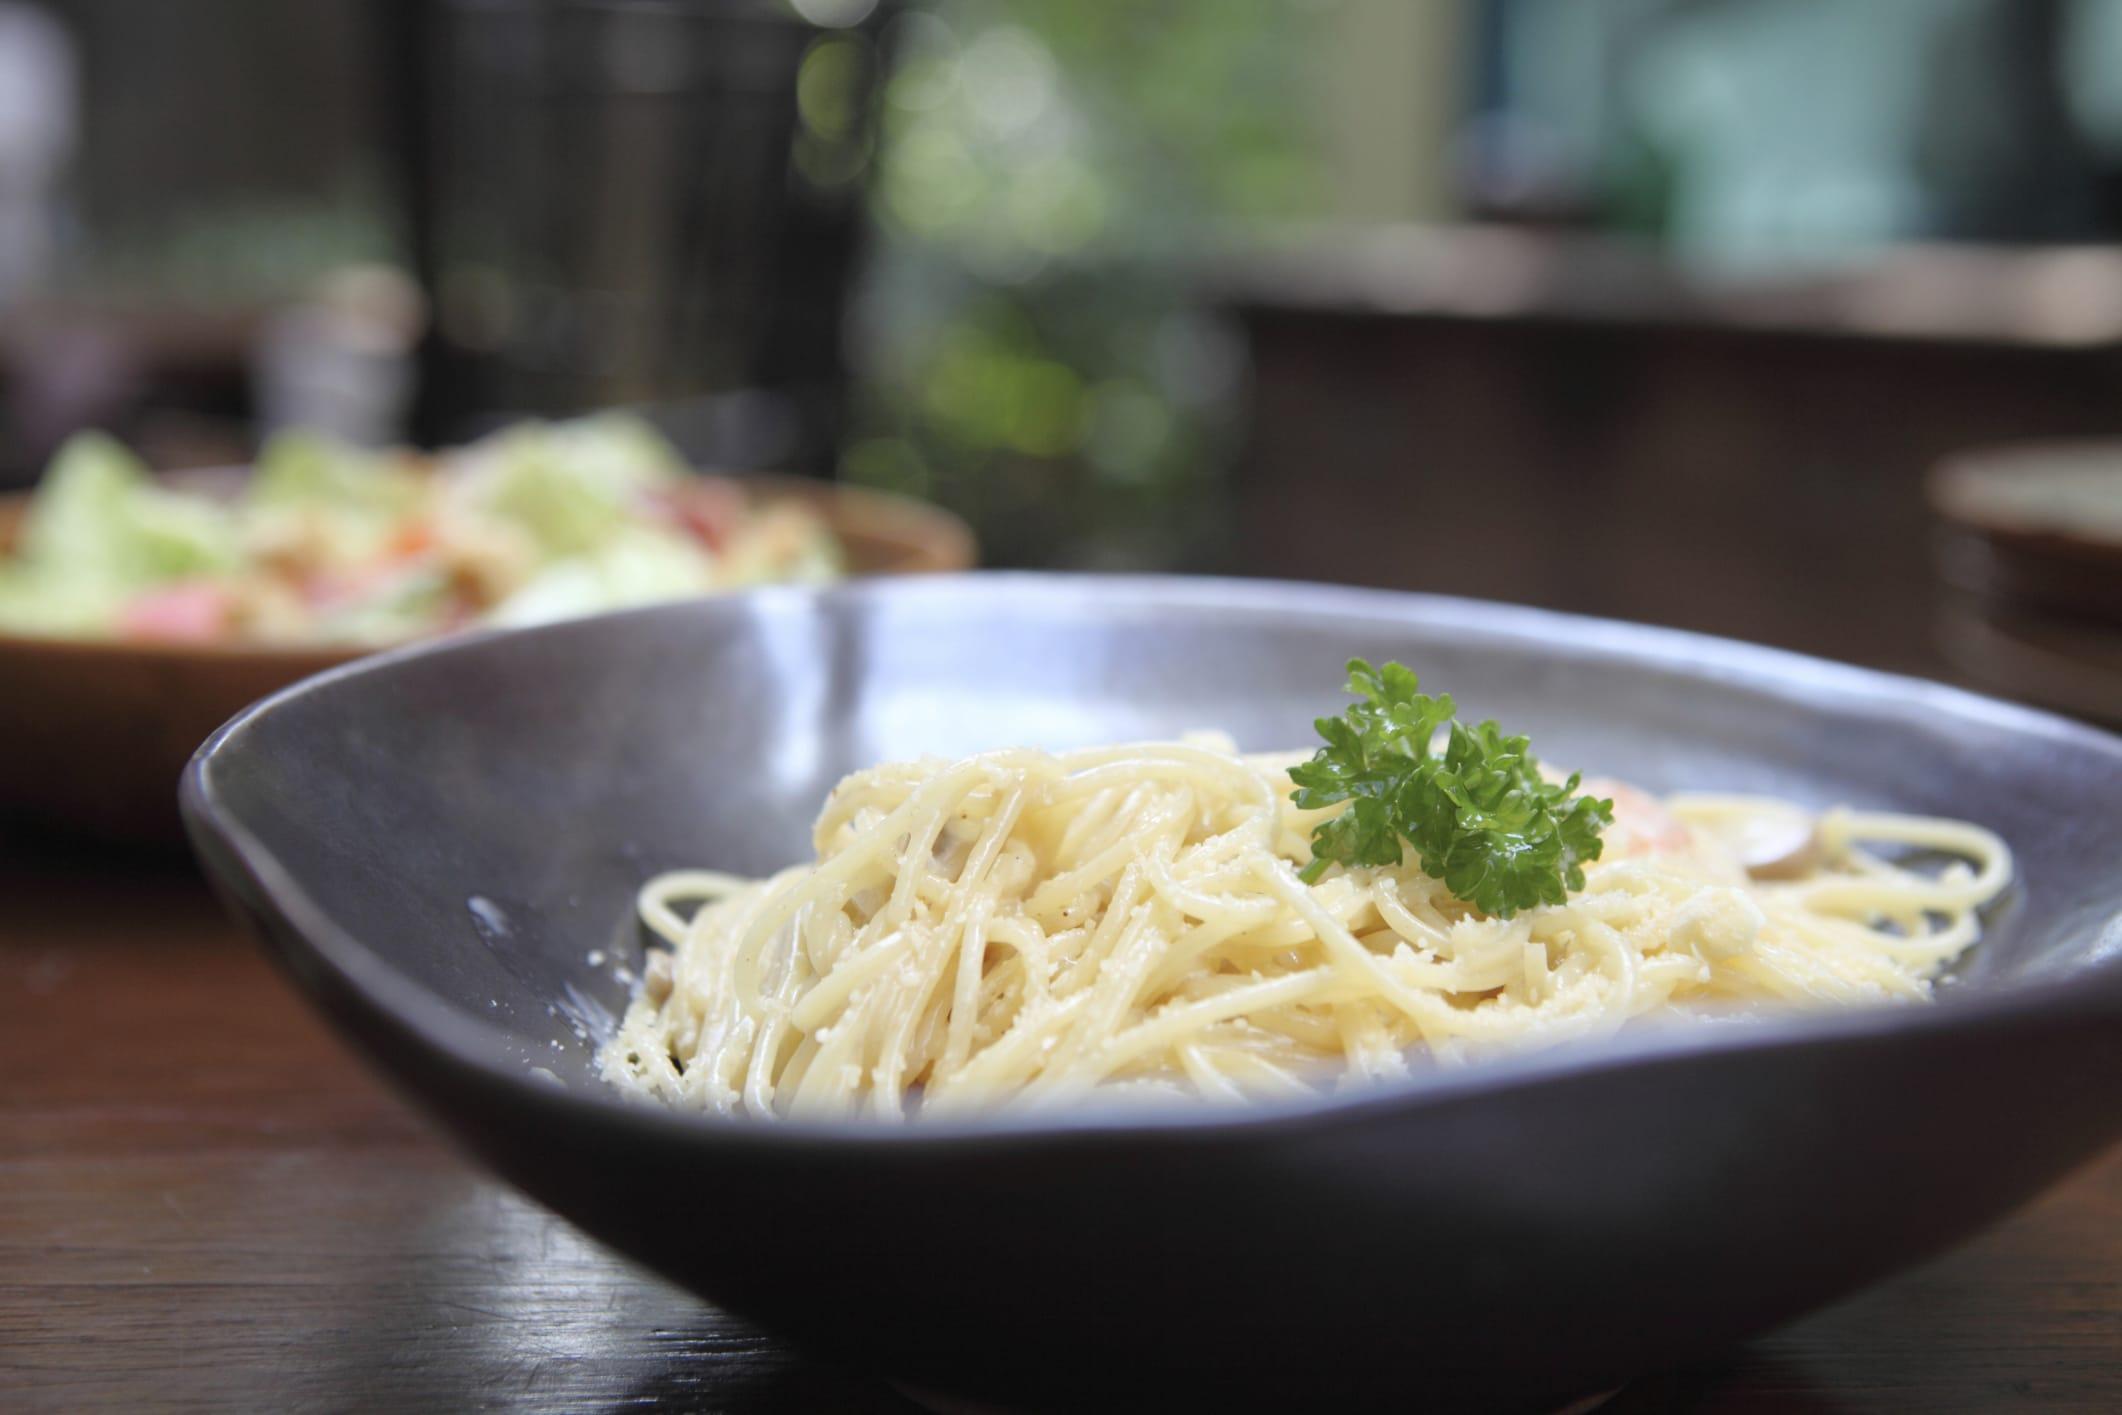 La ricetta per preparare una deliziosa carbonara vegan con tofu e farina di ceci